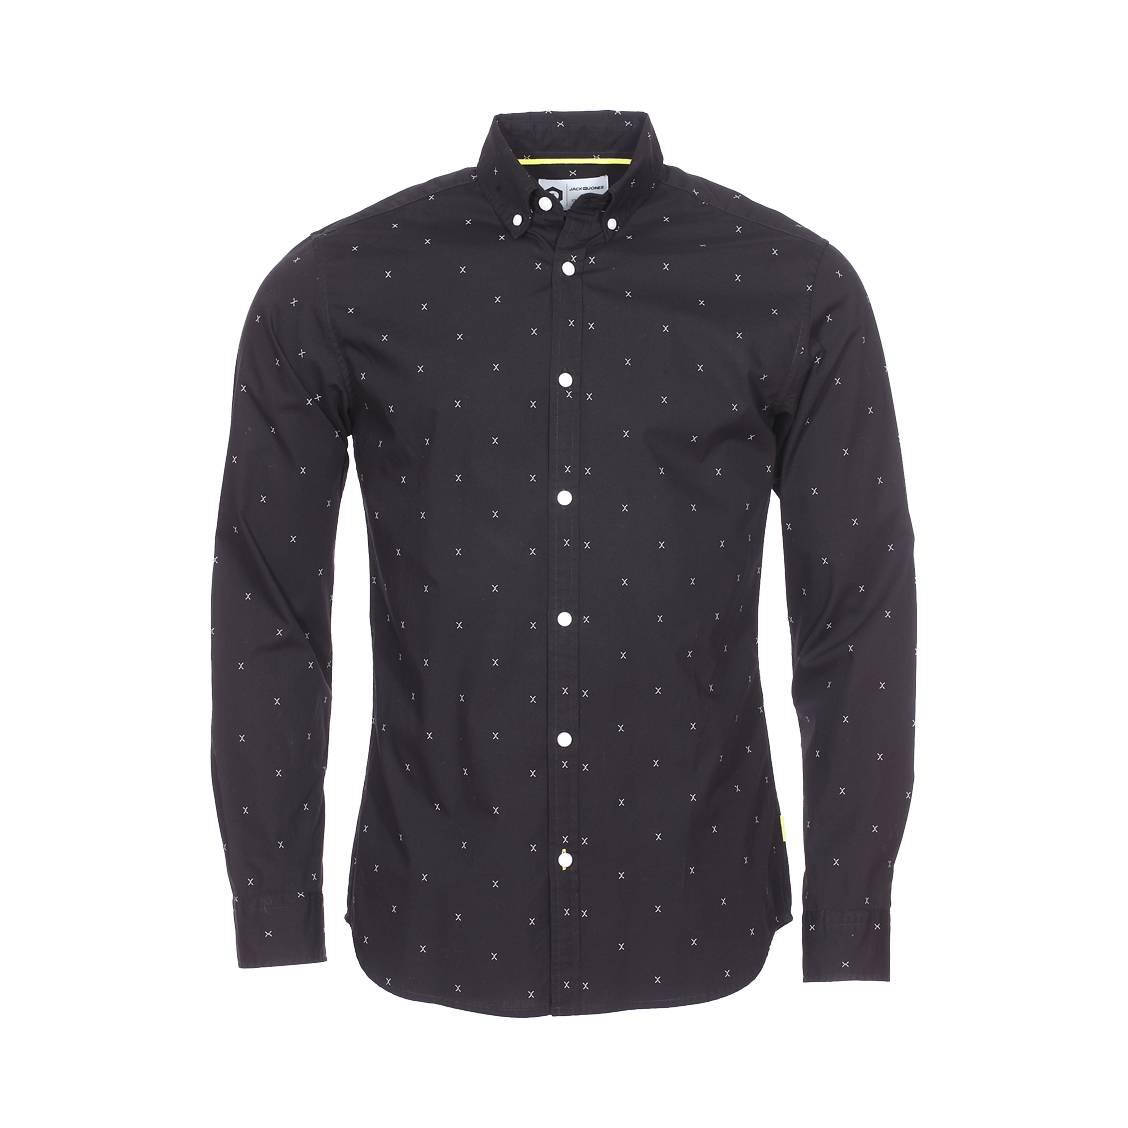 93fa16622cdbdc Chemise cintrée Jack & Jones en coton noir à motifs | Rue Des Hommes